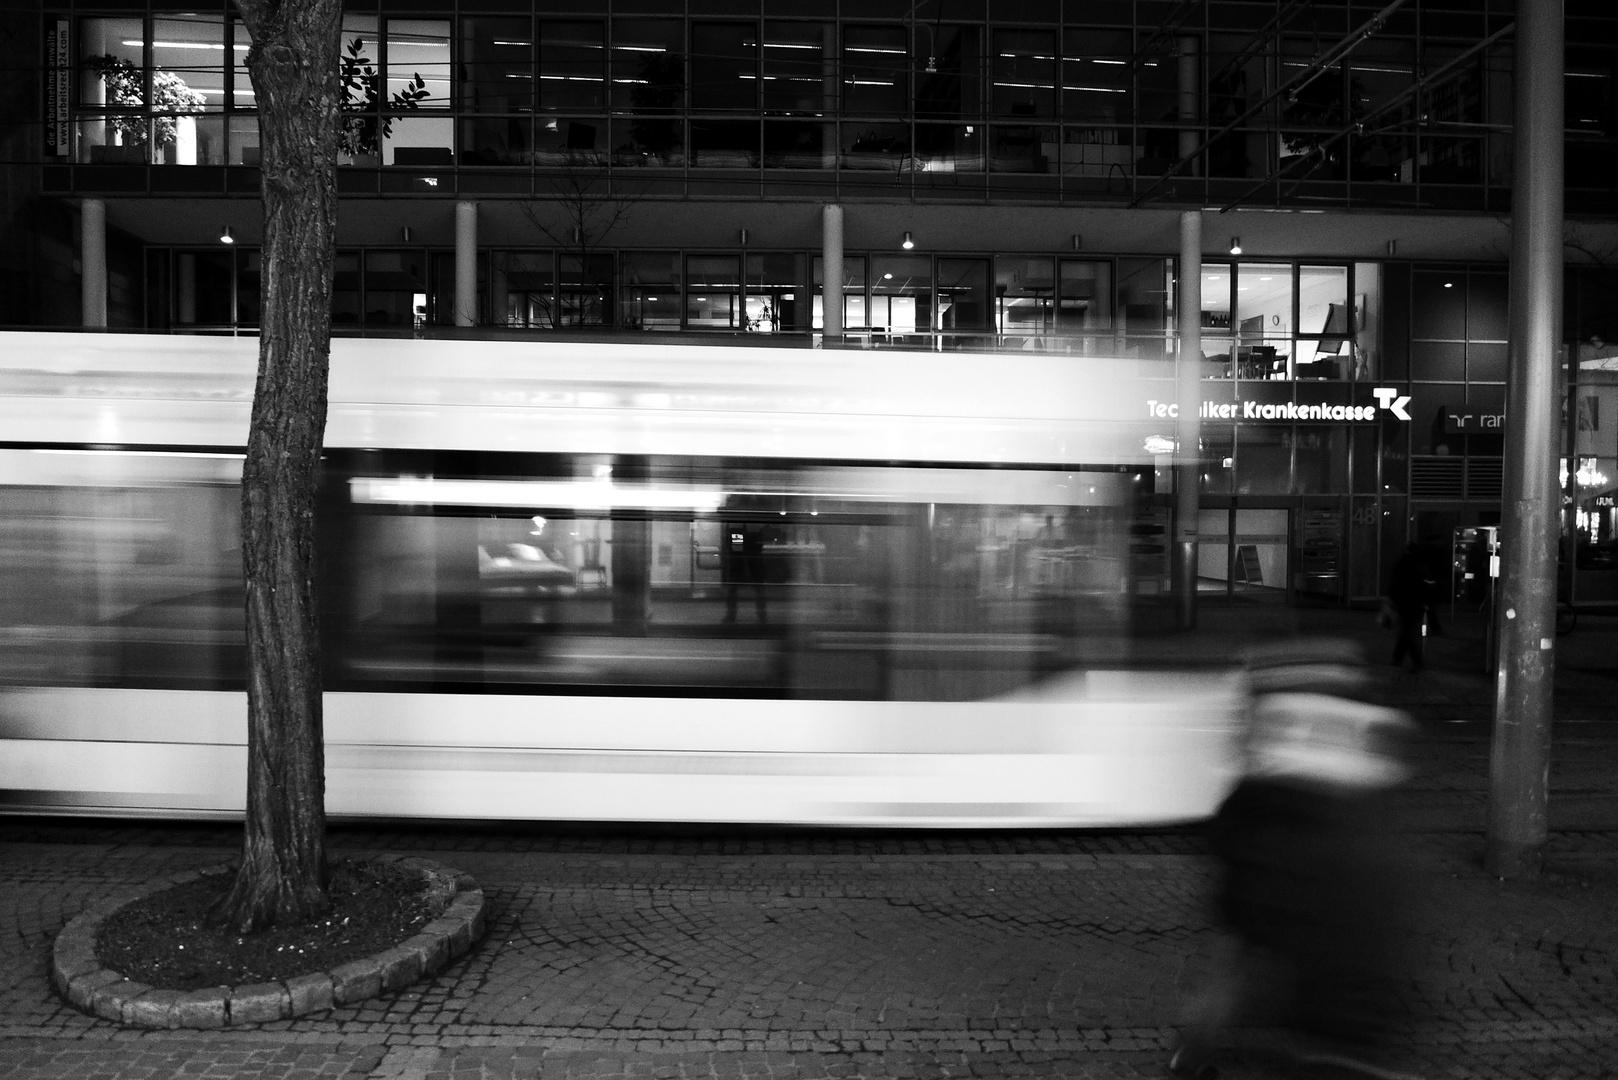 Schnellbahn